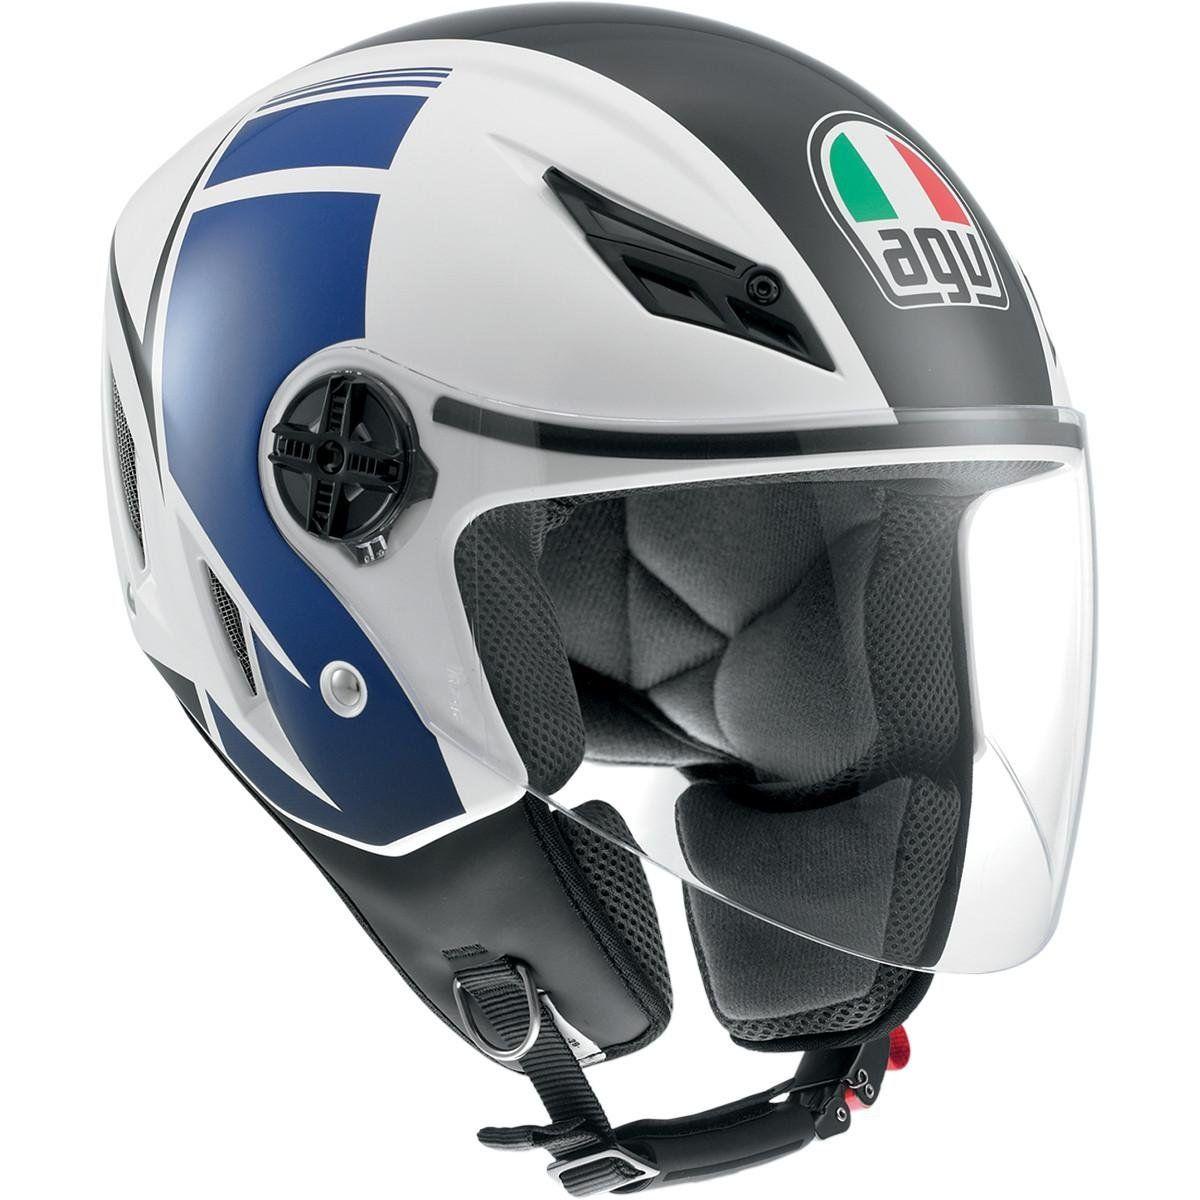 Agv blade fx helmet distinct name fx whiteblue gender